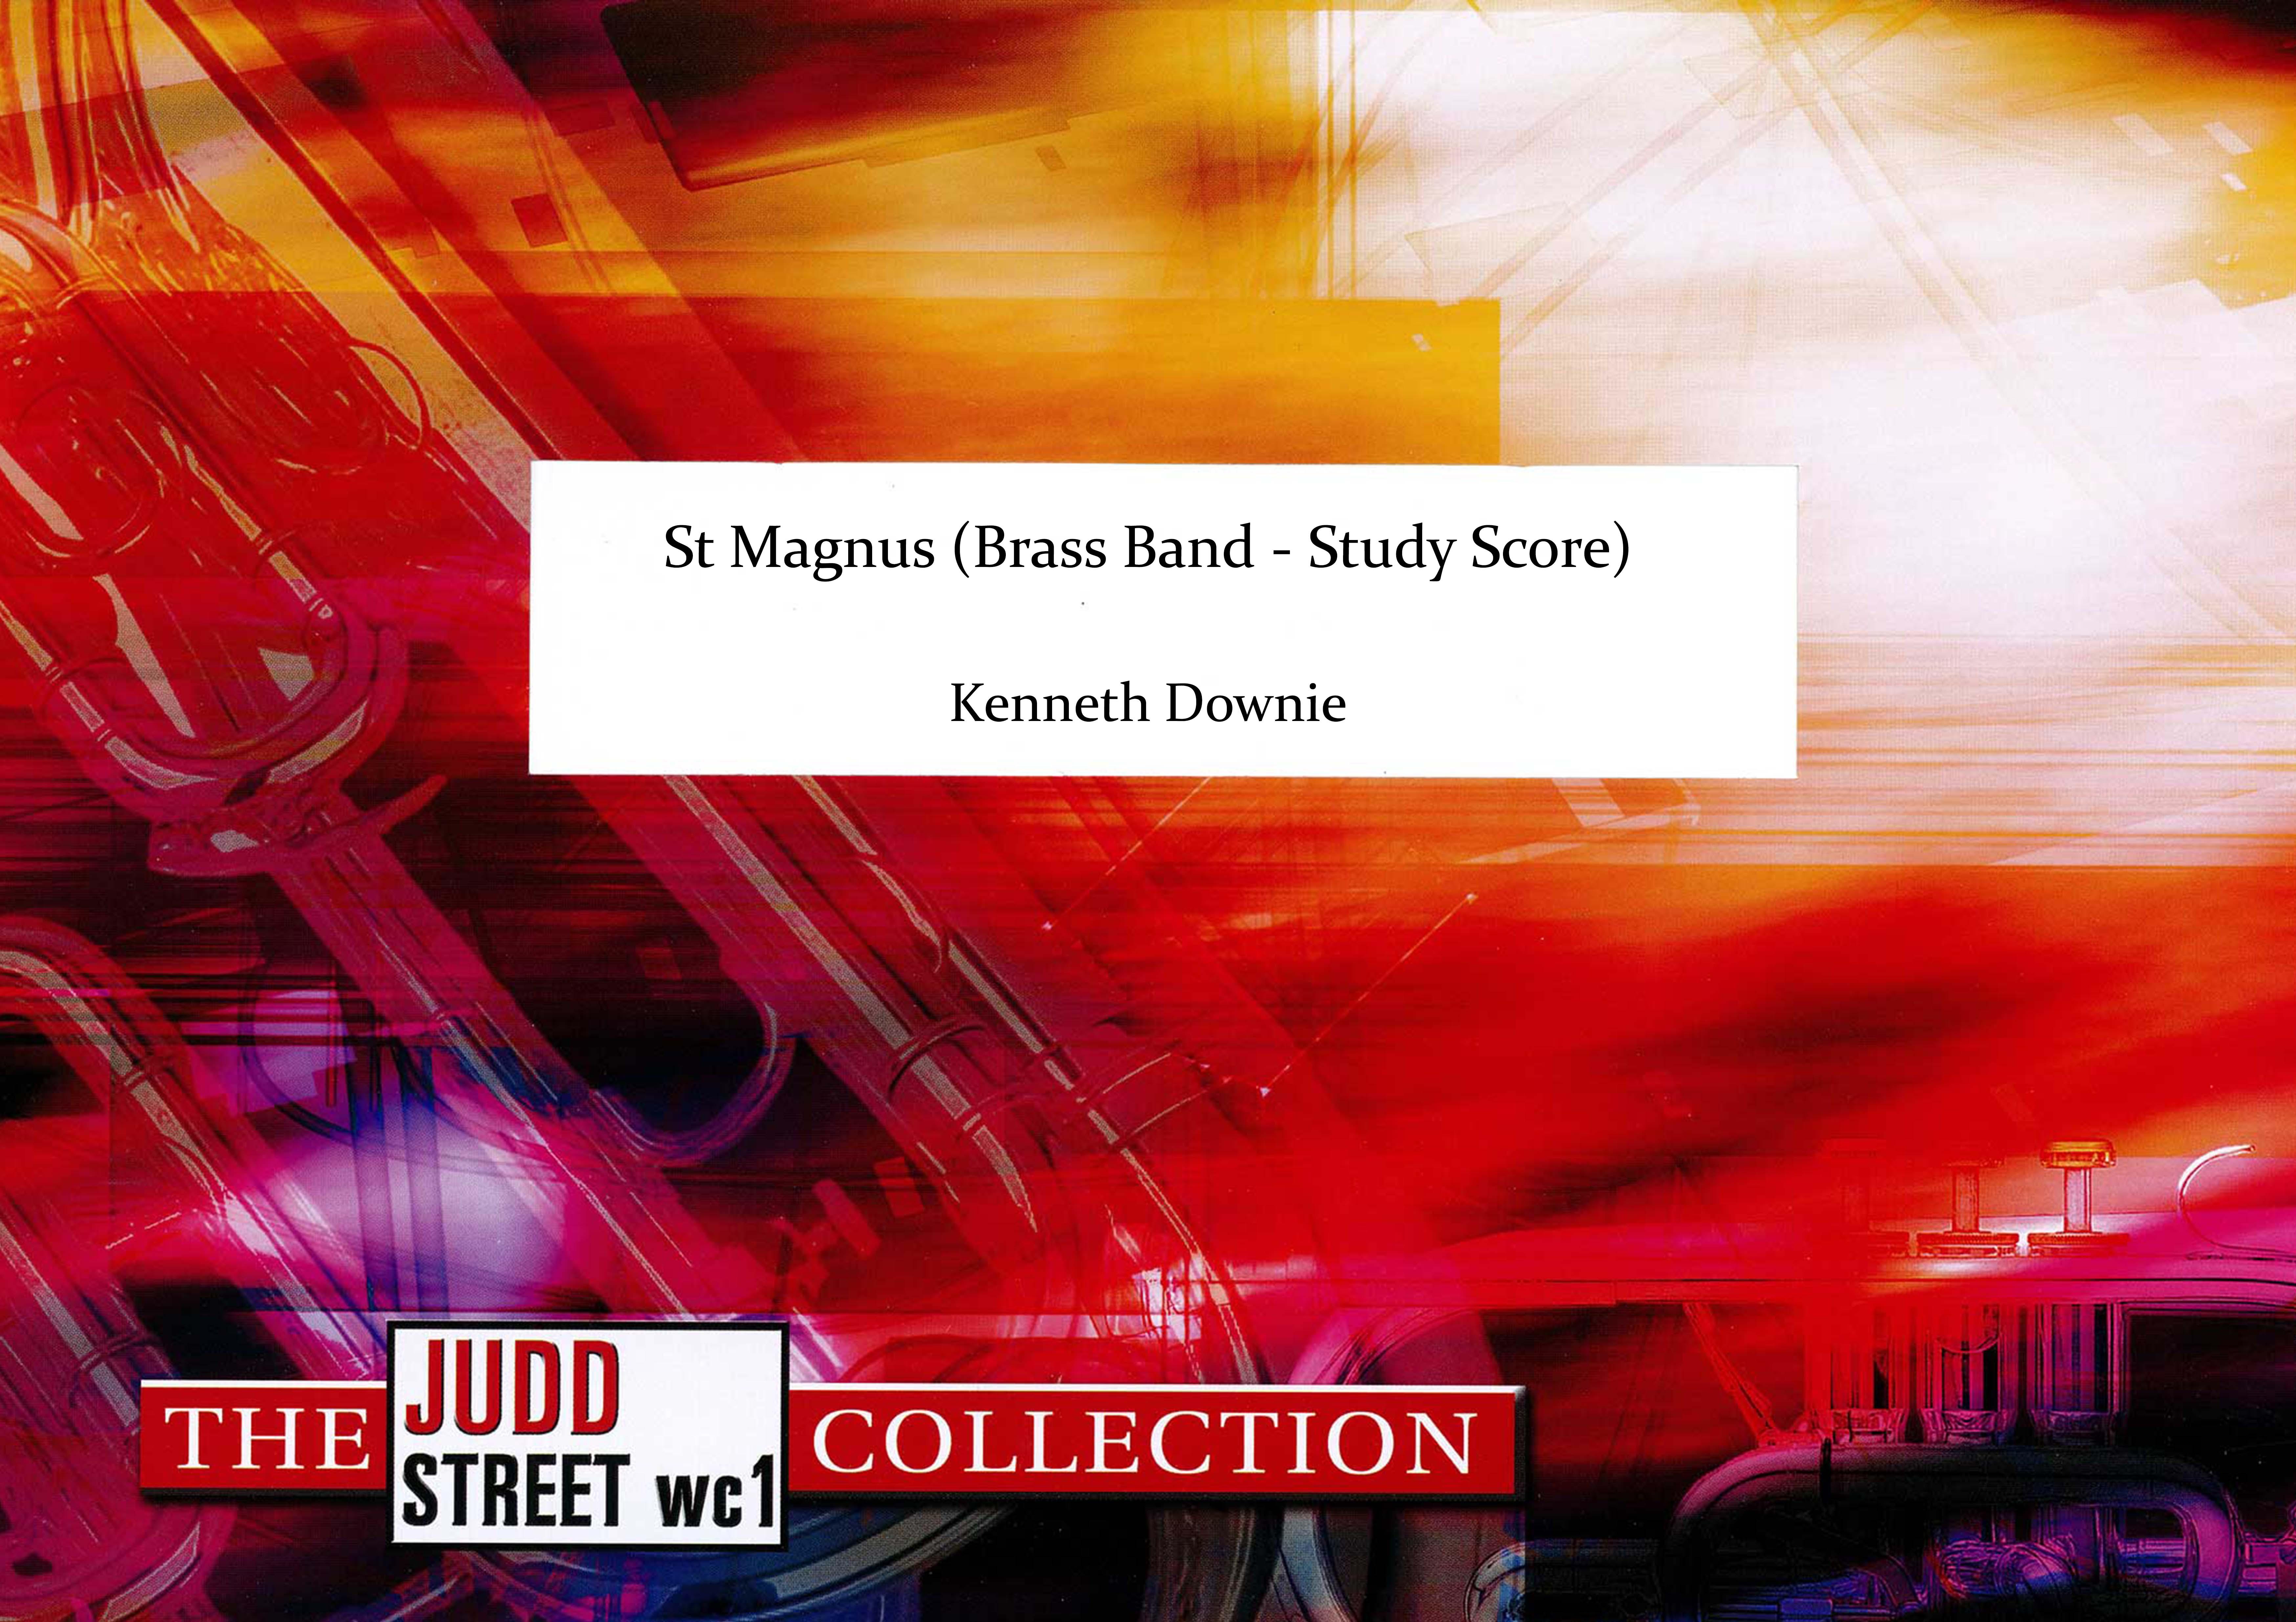 St Magnus (Brass Band - Study Score)